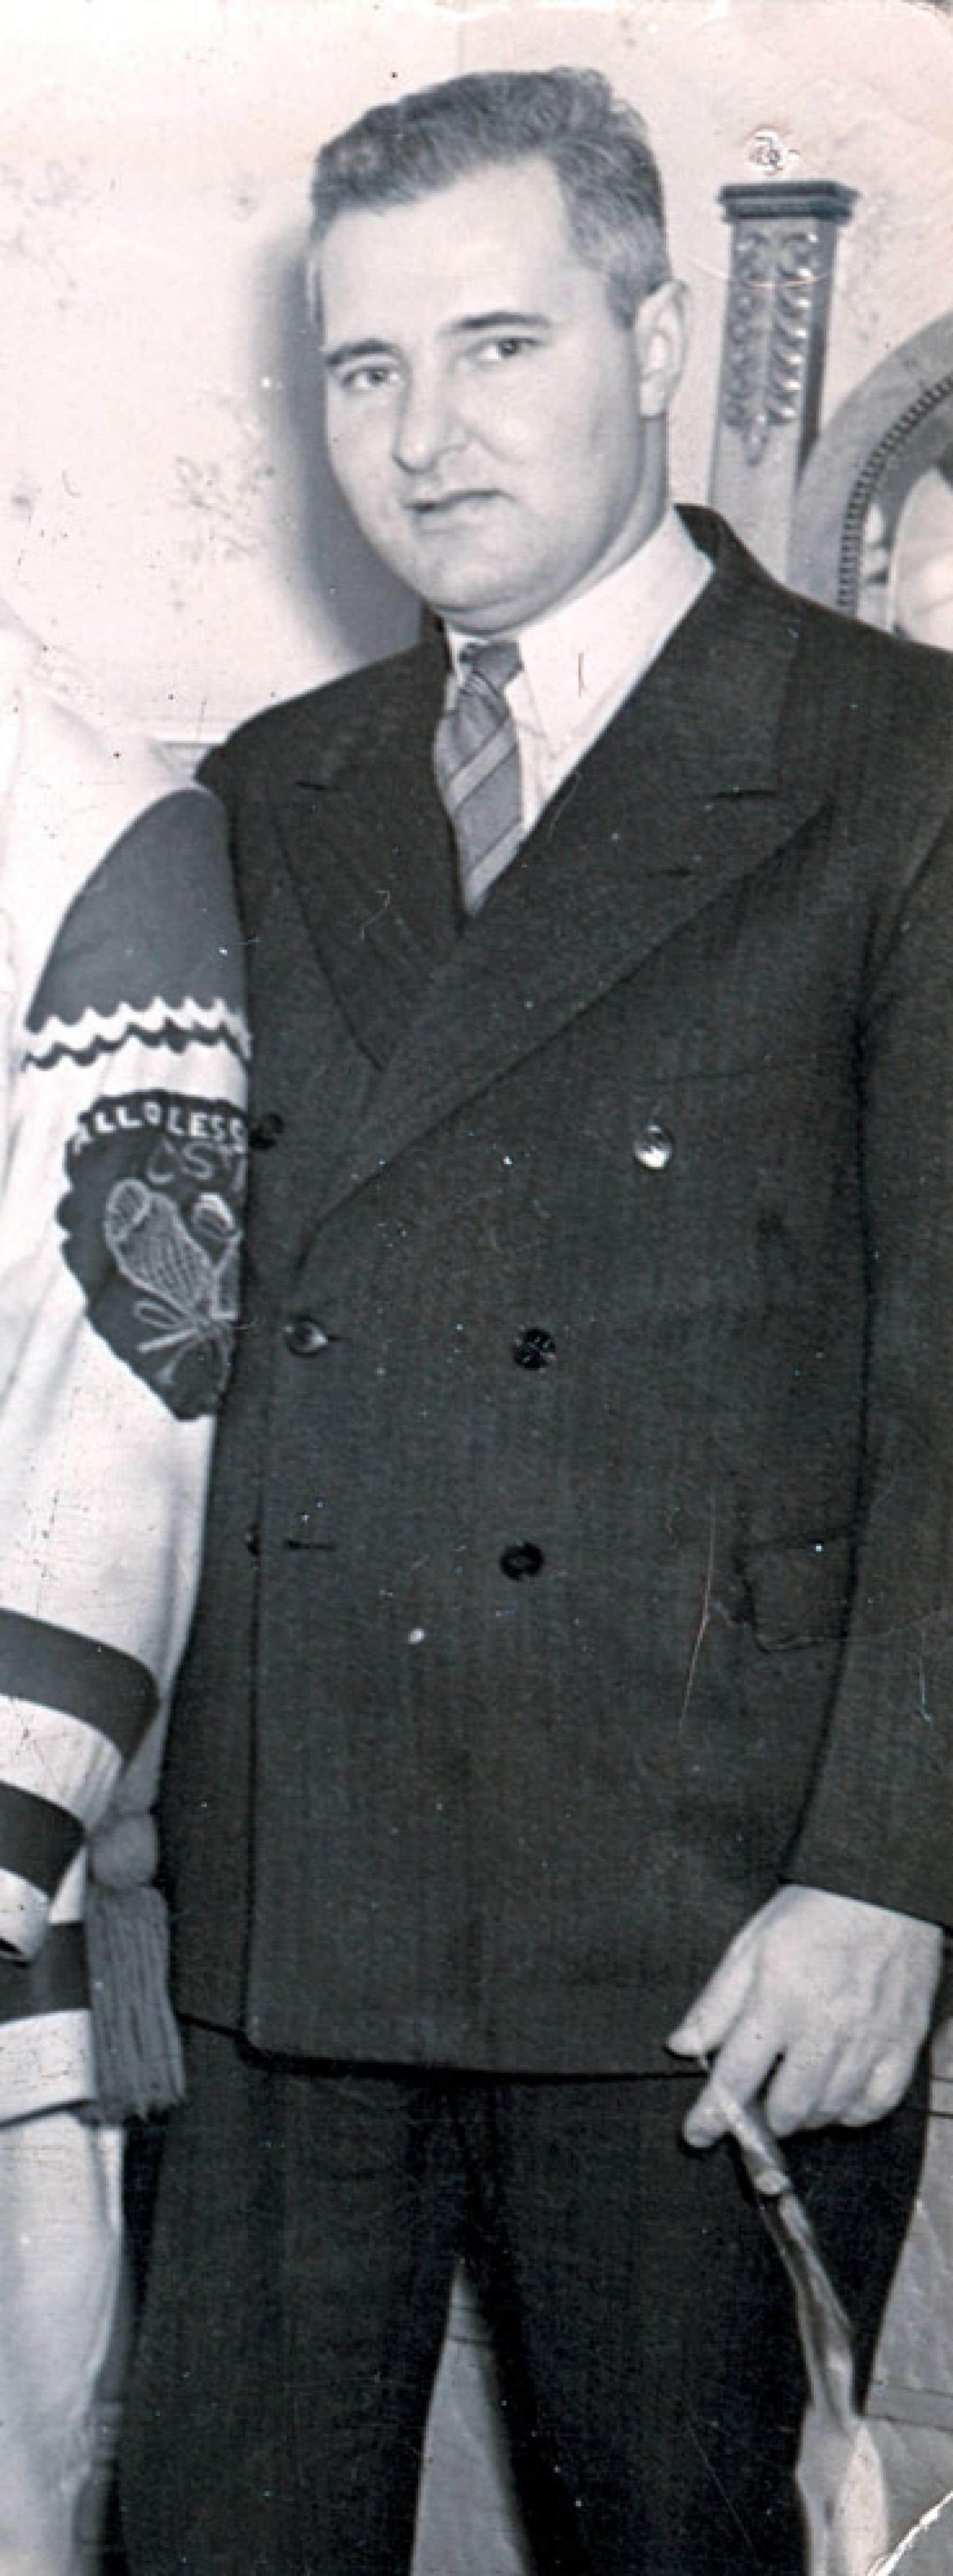 <div> Le journaliste Charles Mayer fut un membre de la célèbre Ligue du vieux poêle à Radio-Canada, et il est associé à la tradition de décerner trois étoiles à la fin des matchs de hockey.</div>